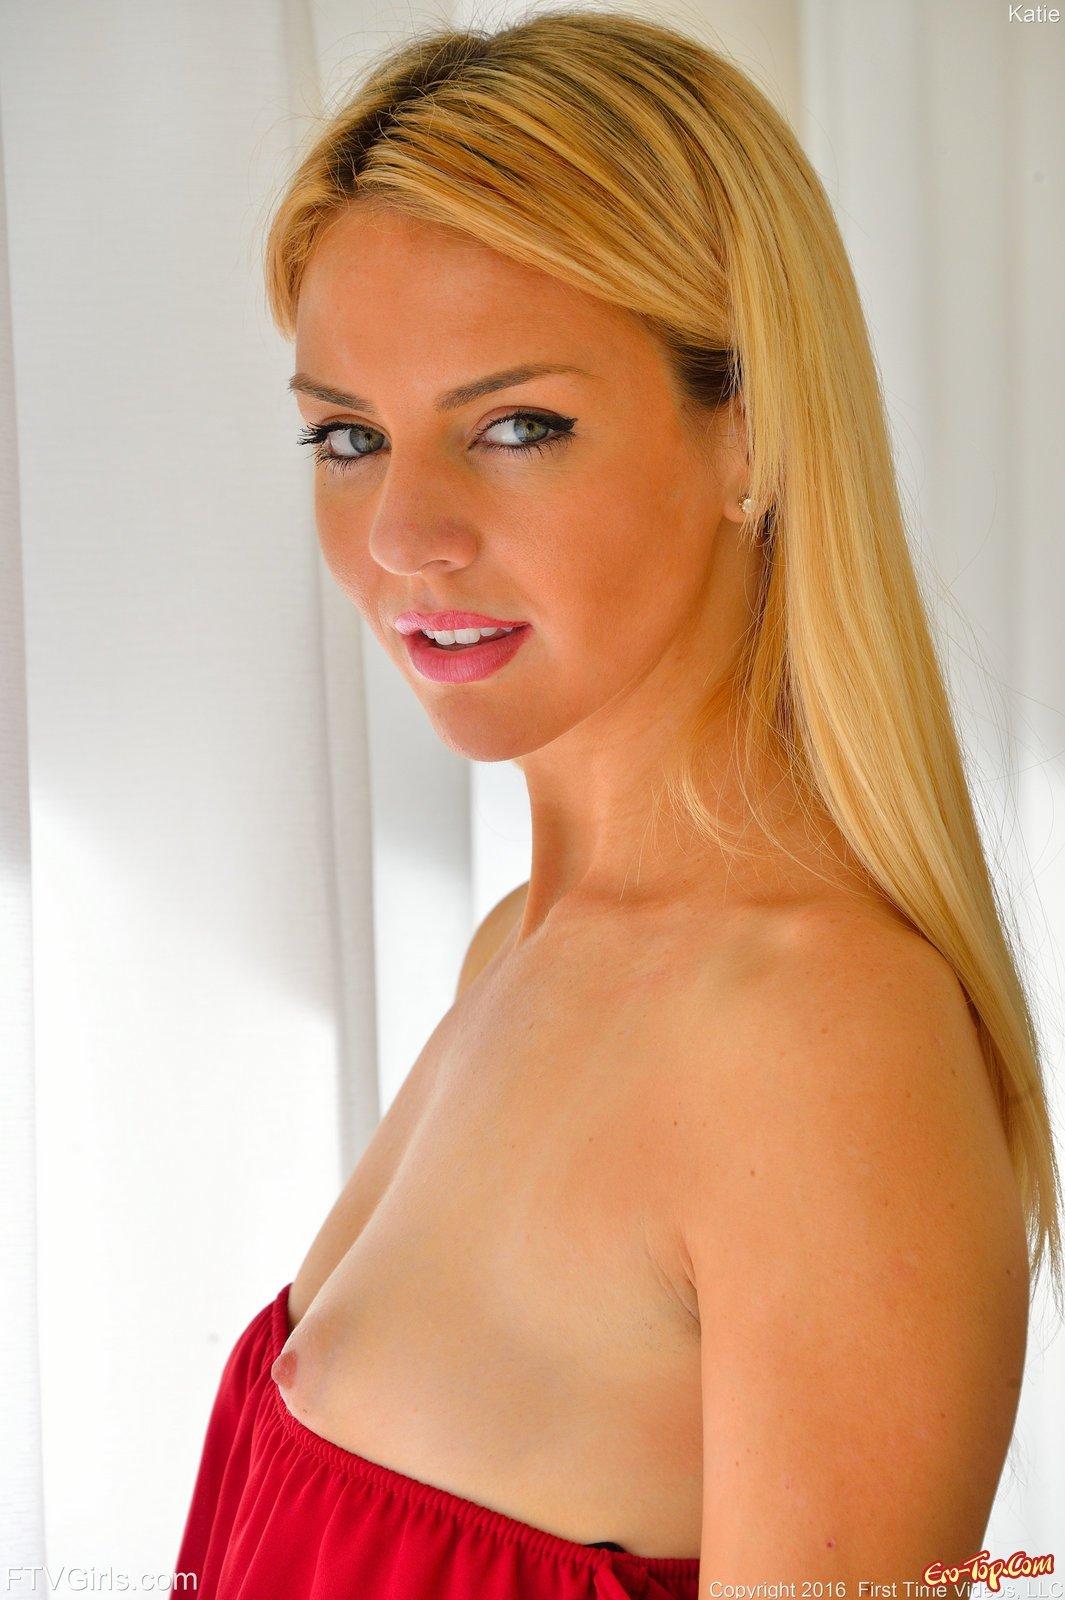 Модель со свелыми волосами без трусиков встала раком секс фото